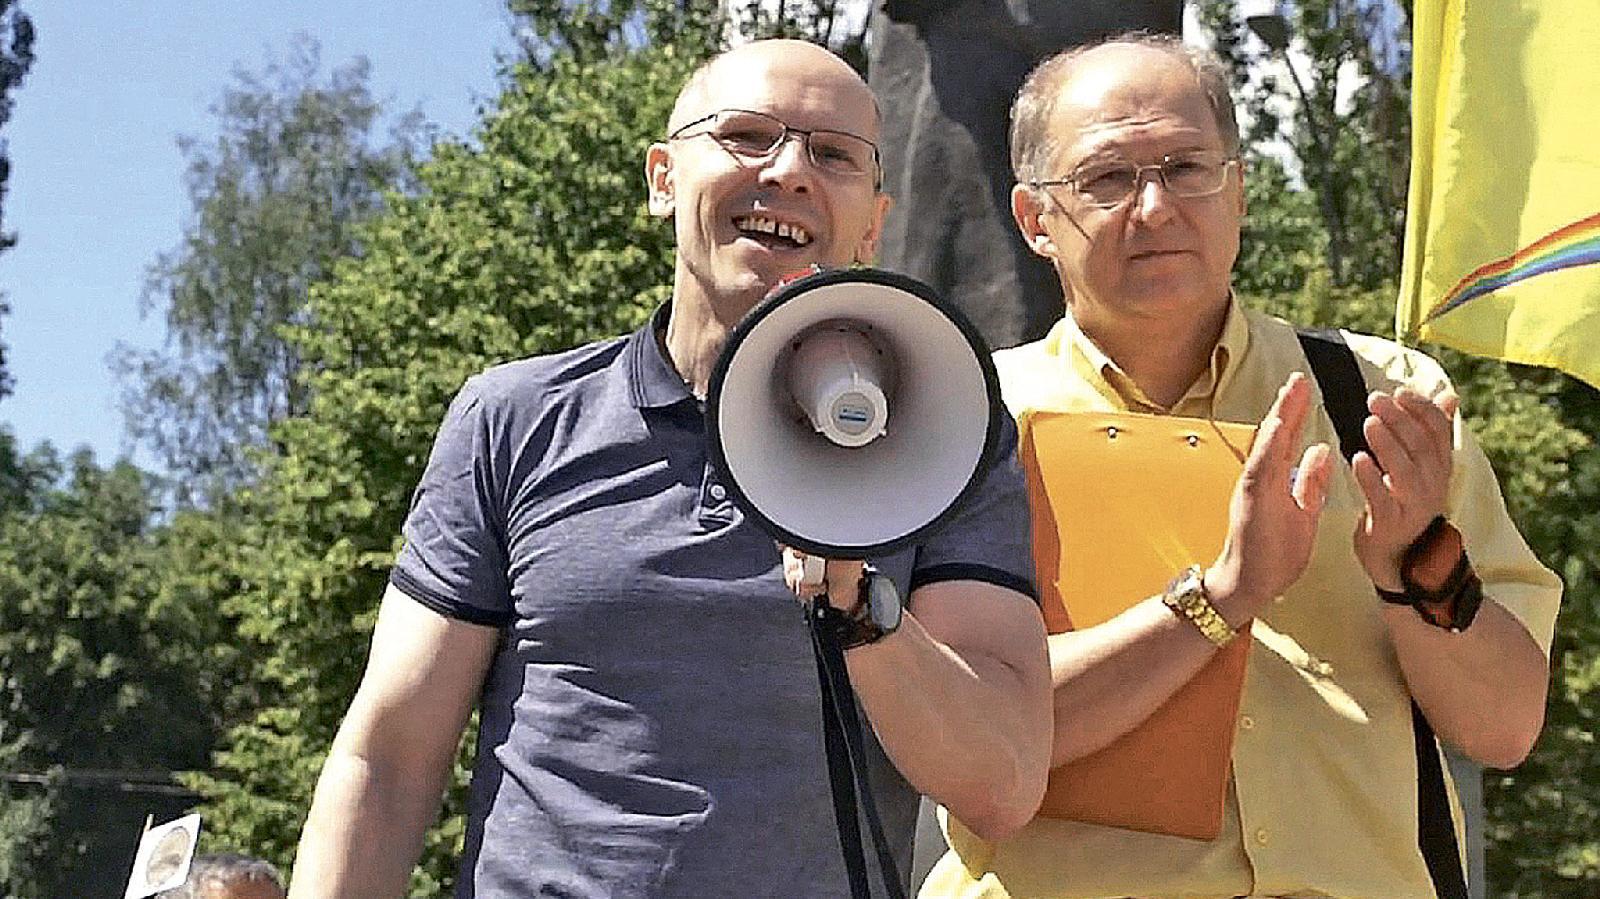 Митинг вКалининграде, посвященный освобождению Игоря Рудникова. 22 июля 2019 года